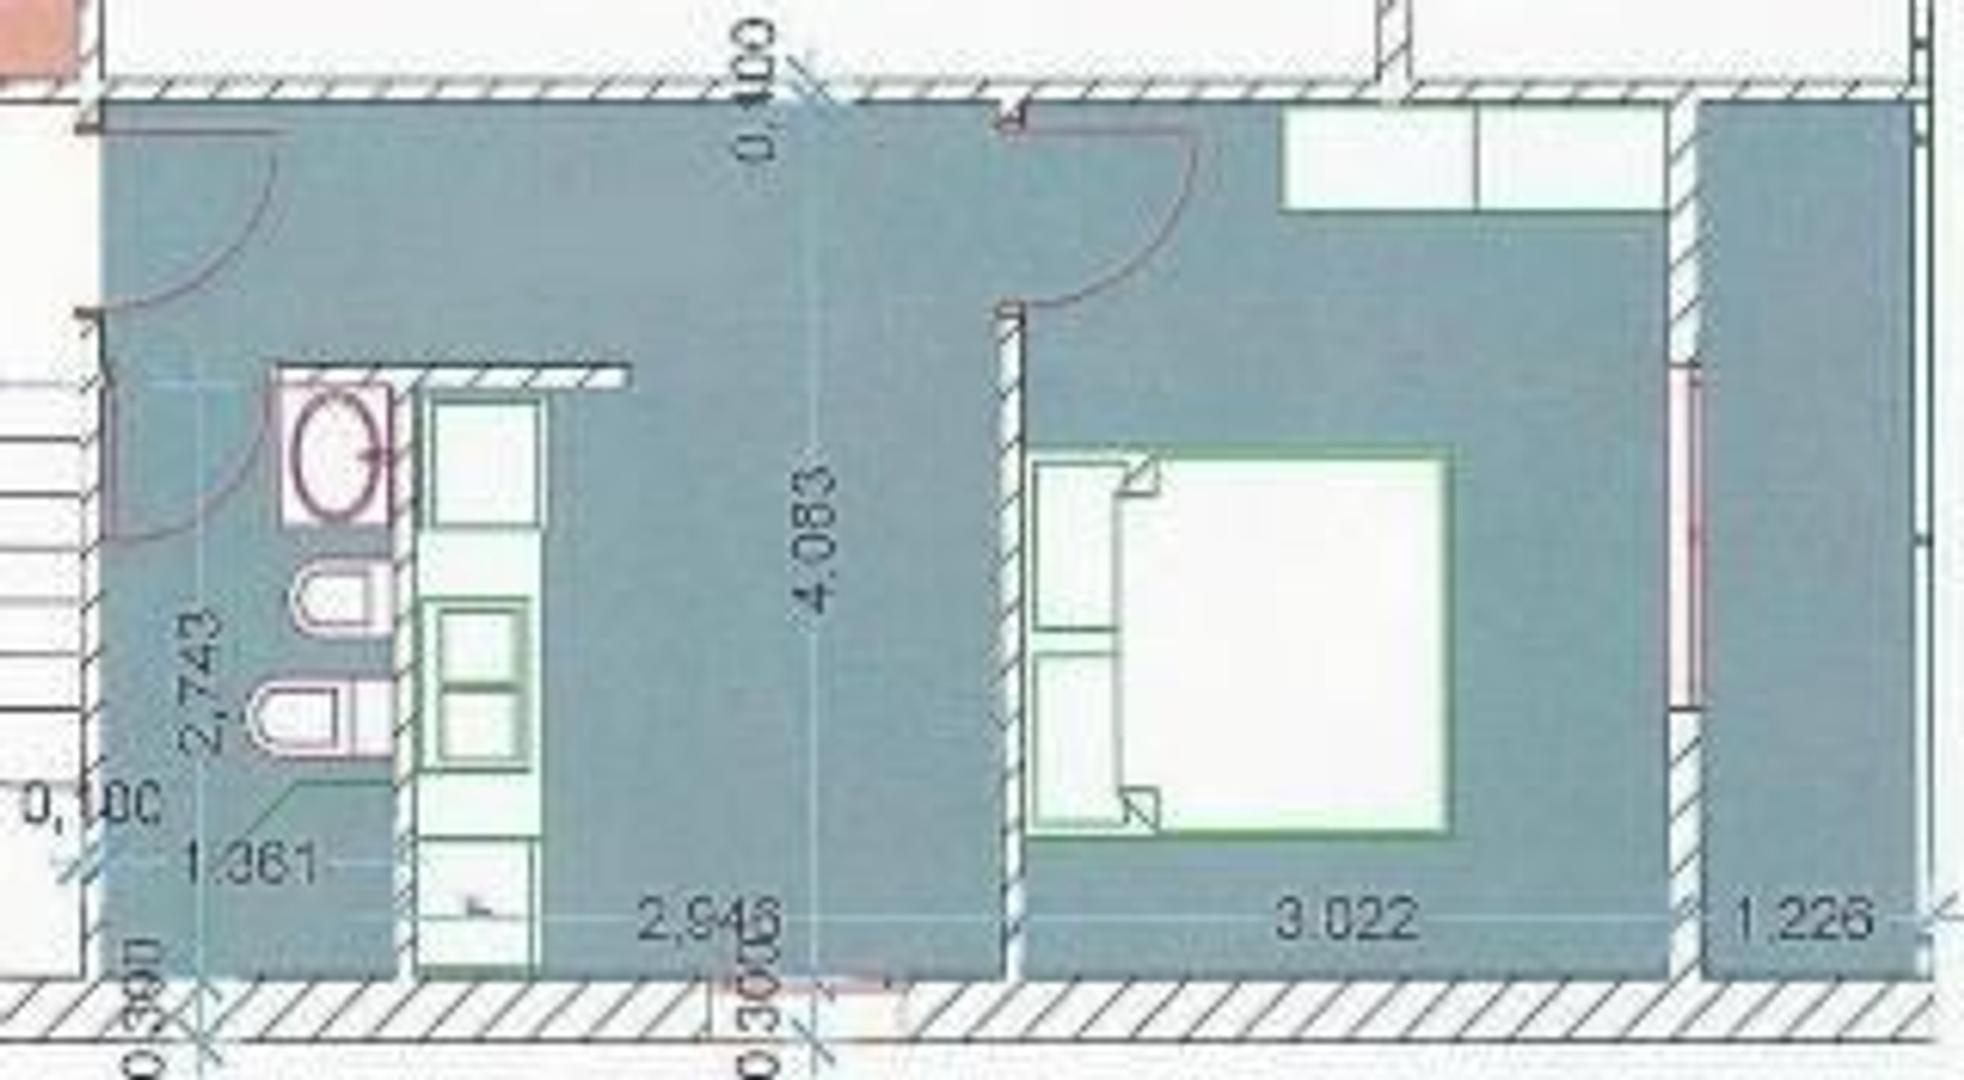 2 deptos de 2 ambientes en block en 3º y 4º piso